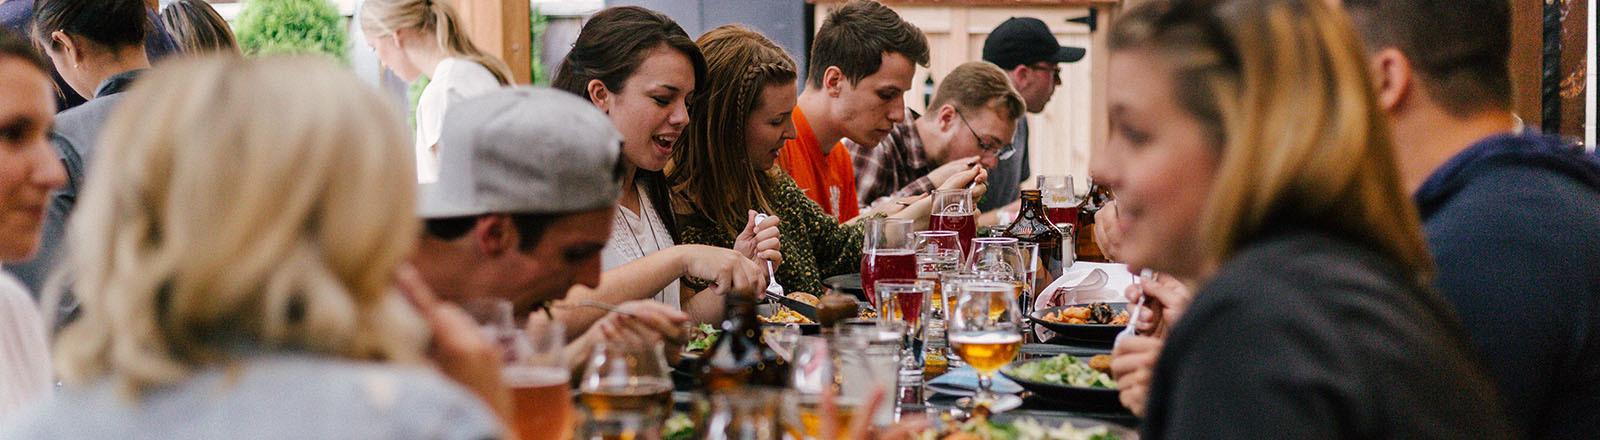 Menschen essen bei Tisch.